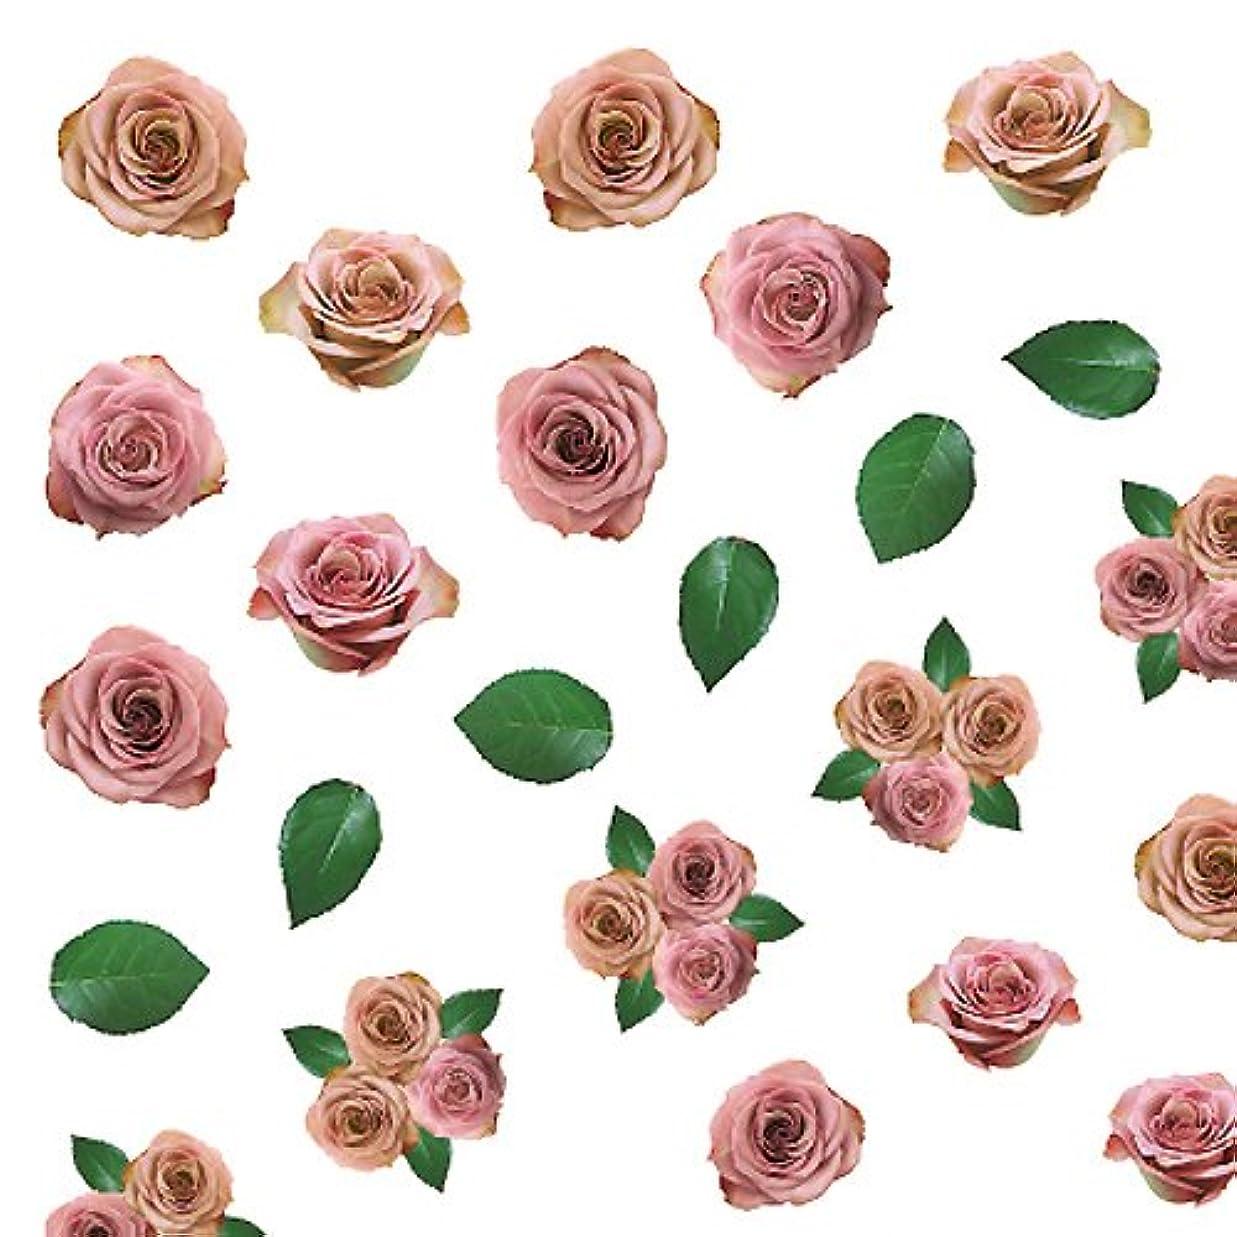 葉を拾う小屋スライスツメキラ ネイル用シール フラワーフォト バラ ハロウィン